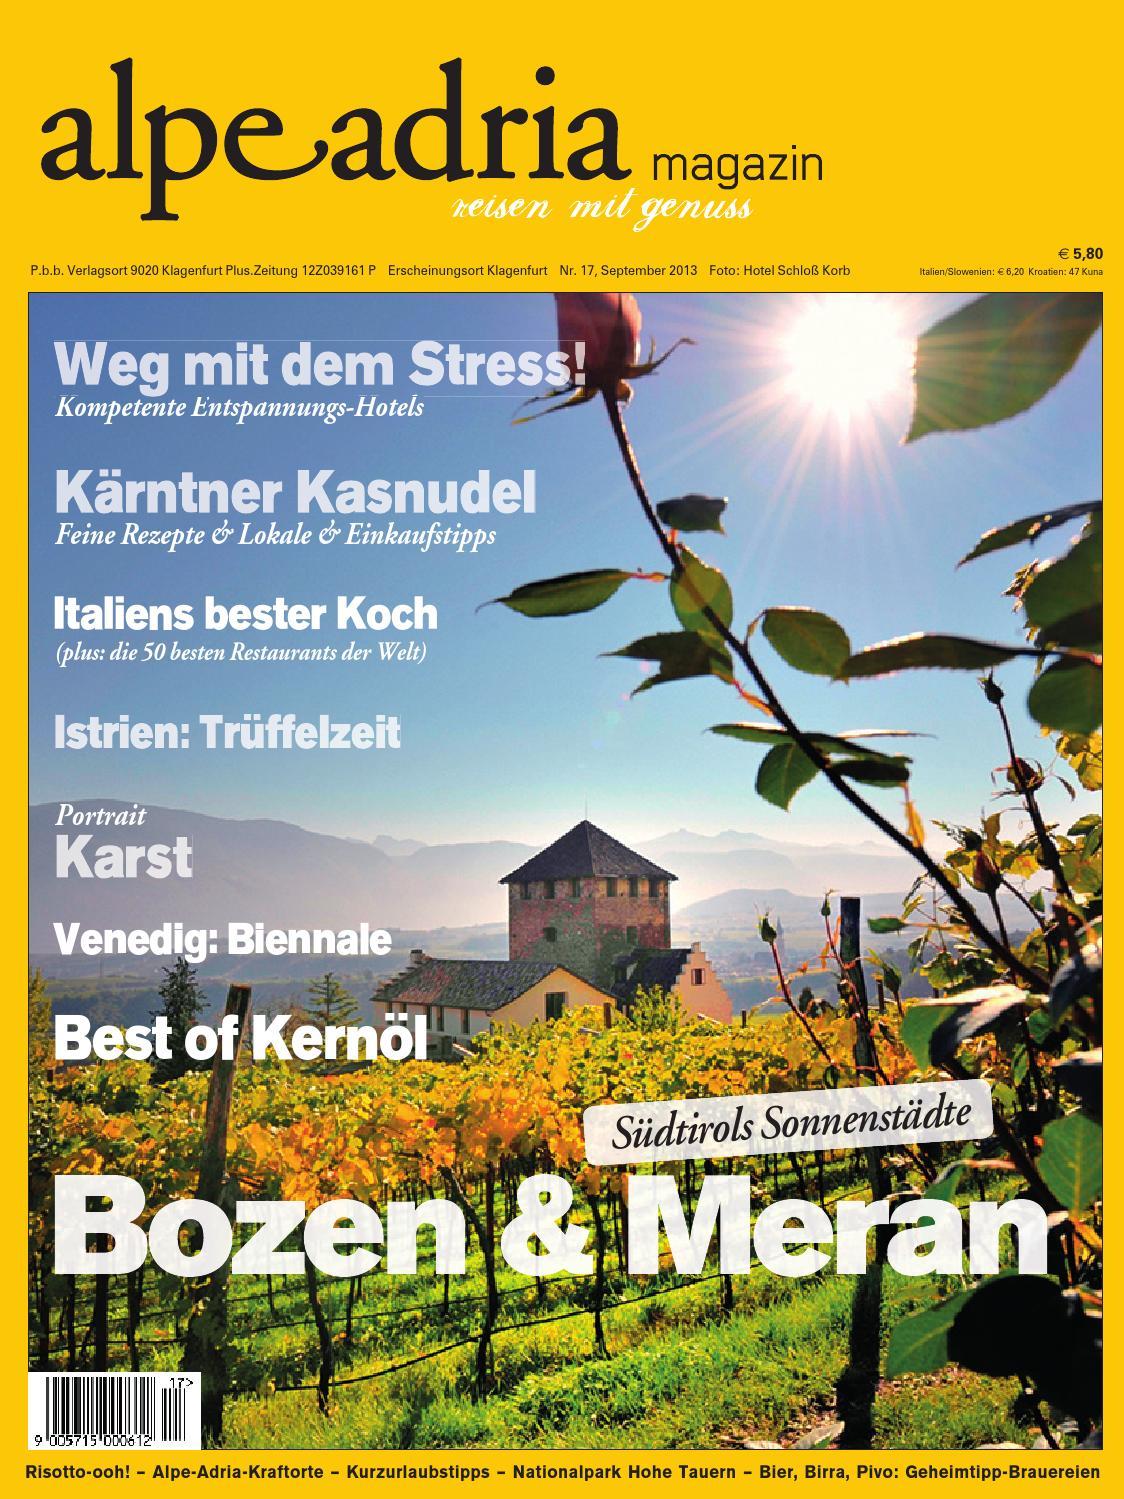 Alpe Adria Magazin Nr. 17 09/2013 by Bundesländerinnen - issuu